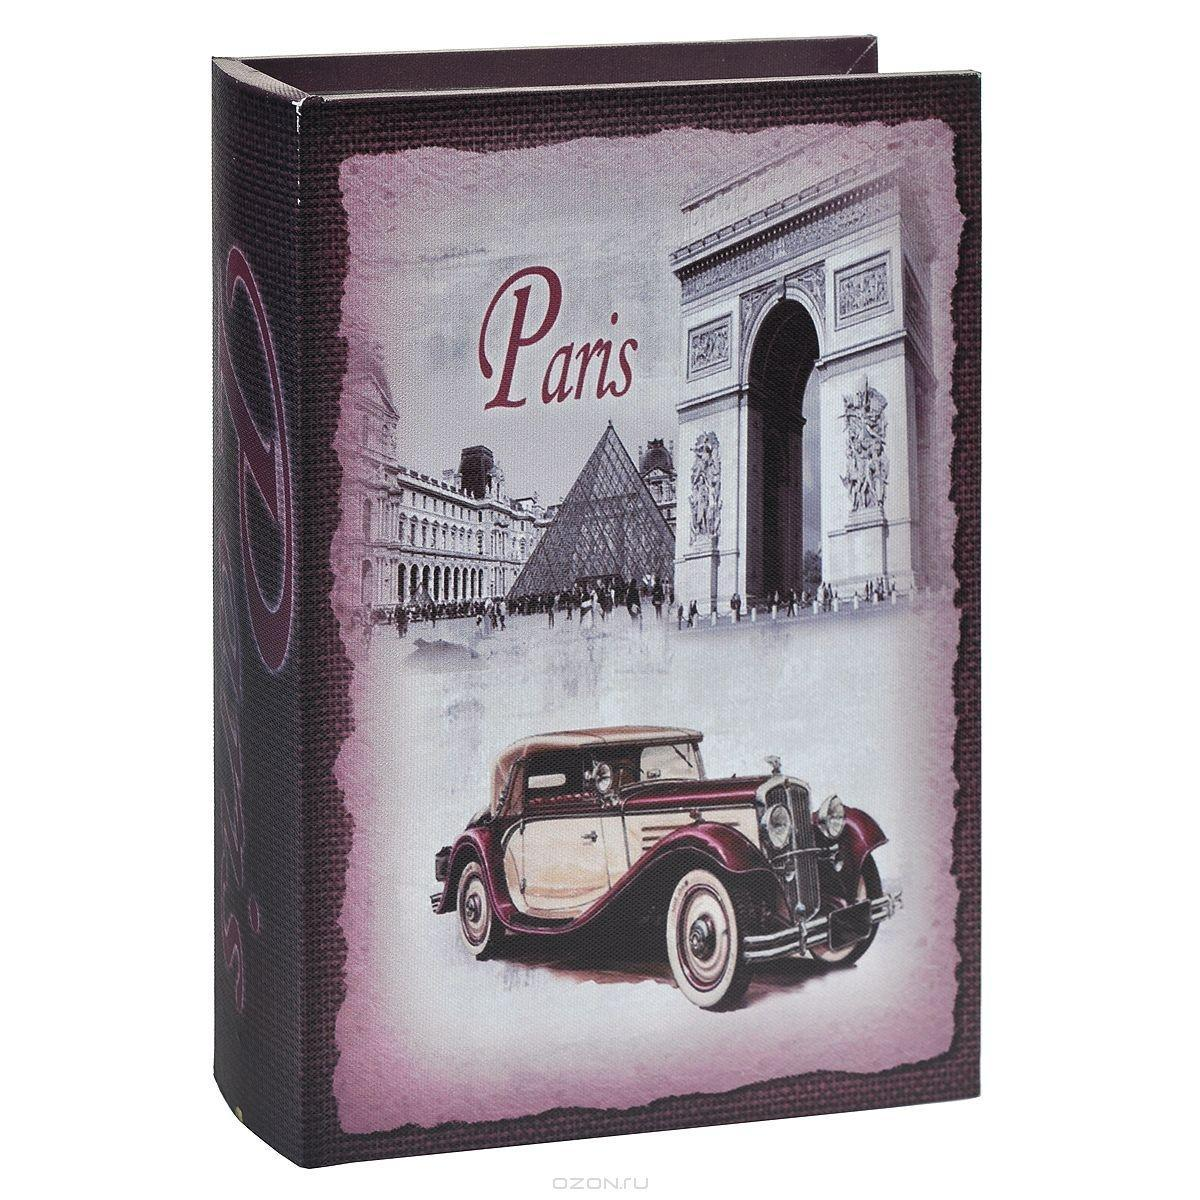 Шкатулка декоративная Paris, 27 см х 18 см х 4,5 см. 7701689-120530Декоративная шкатулка Paris не оставит равнодушной ни одну любительницу изысканных вещей. В такой шкатулке удобно хранить бижутерию или аксессуары для рукоделия. Вместительная шкатулка, выполнена из МДФ с отделкой из текстиля и оформлена изображением автомодиля на фоне Лувра. Внутри - отделка из полиэстера. Шкатулка выполнена в виде книги и закрывается при помощи магнита. Сочетание оригинального дизайна и функциональности представляют шкатулку практичным и стильным подарком, а также предметом гордости ее обладательницы.